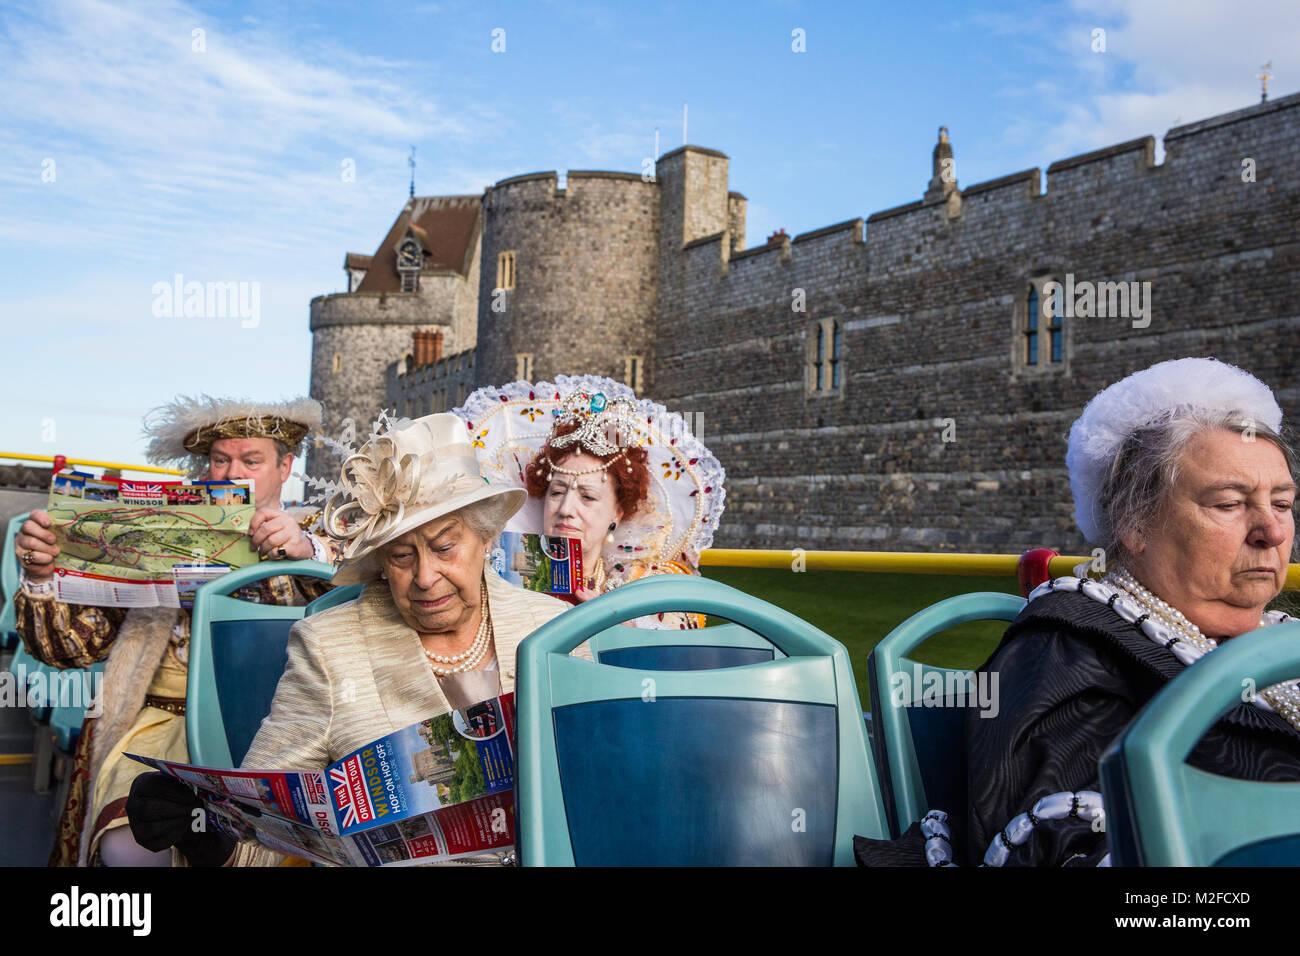 Windsor, UK. 7th February, 2018. Actors playing King Henry VIII, Queen Elizabeth I, Queen Victoria and Queen Elizabeth - Stock Image